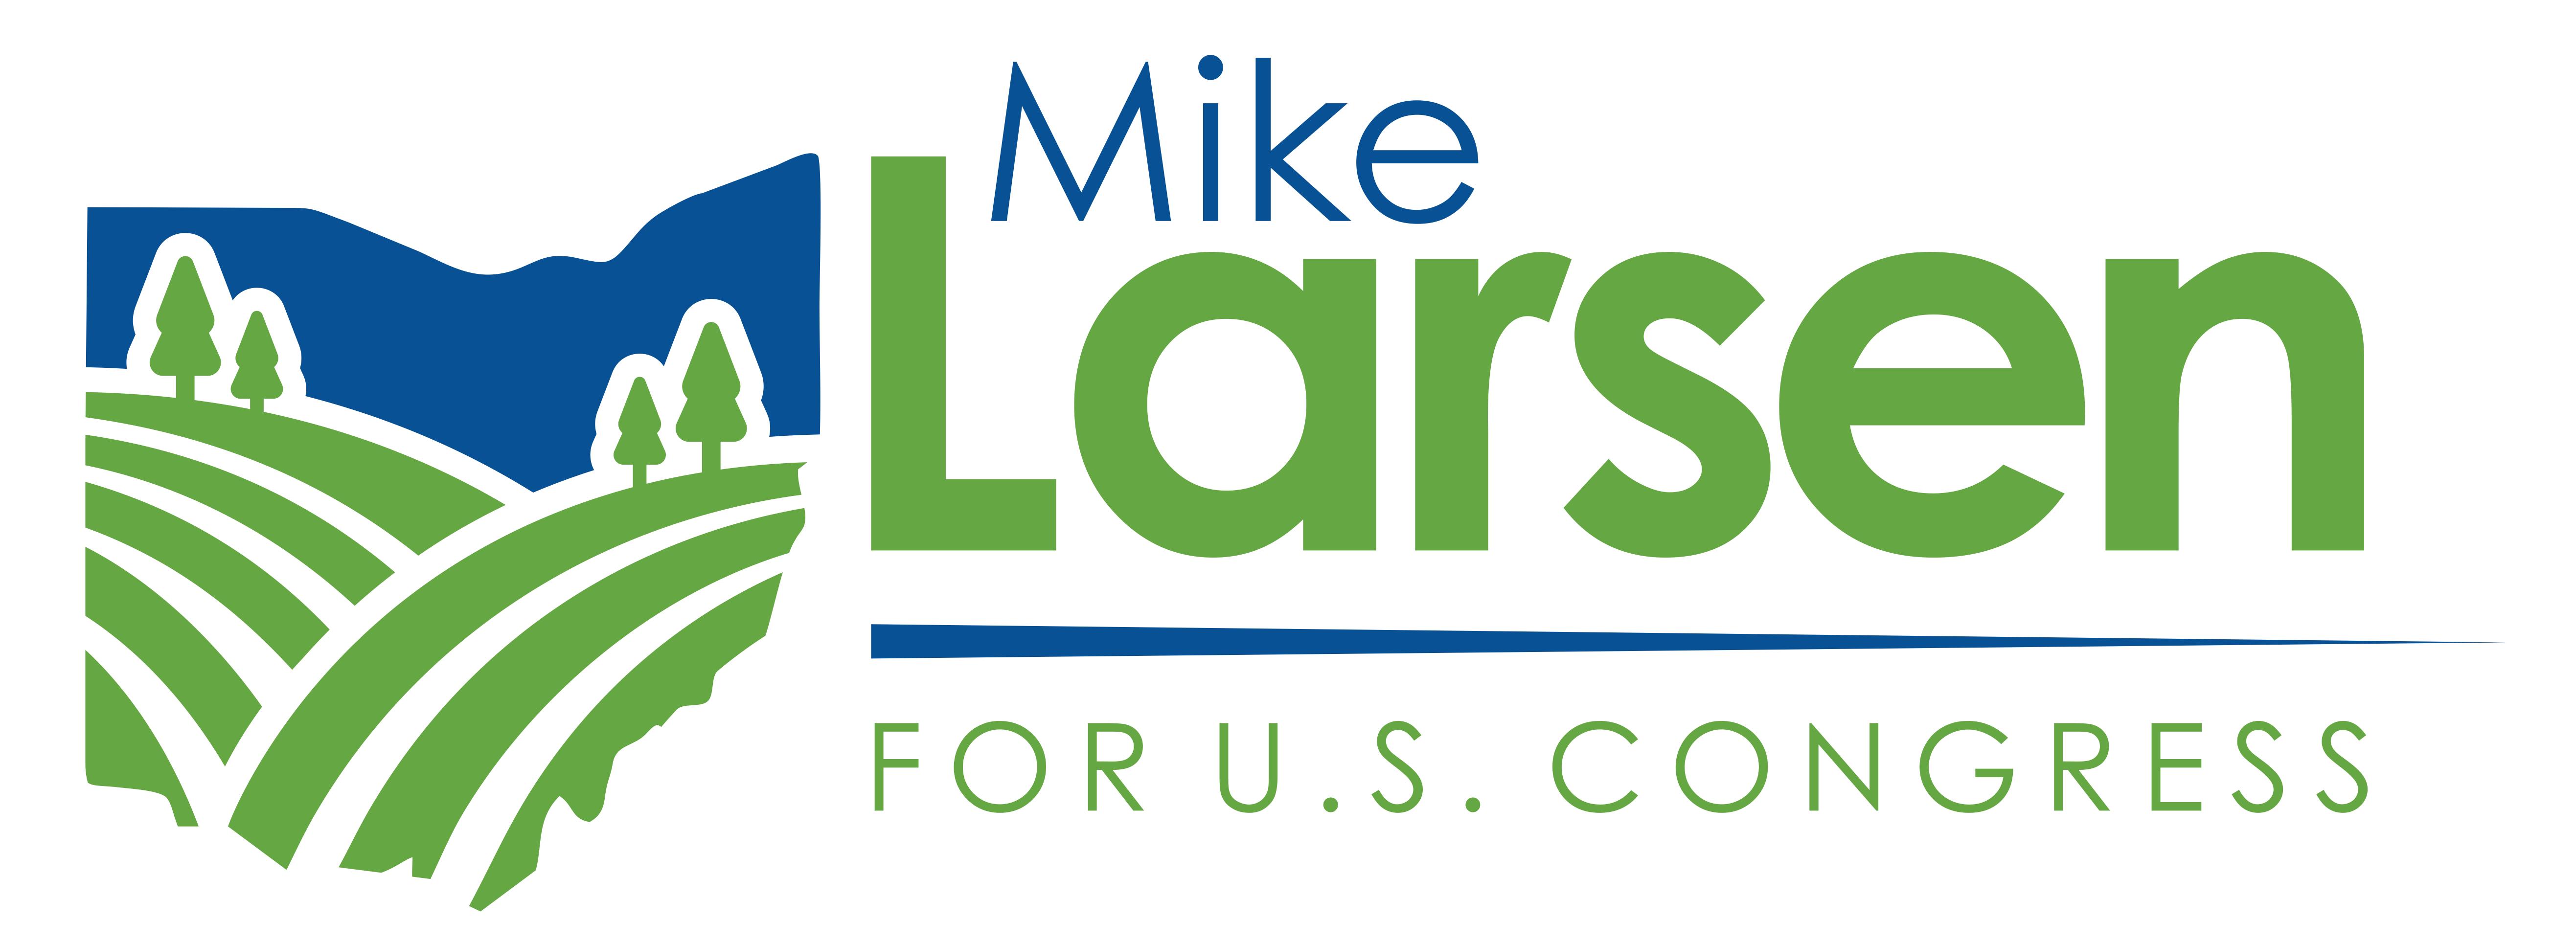 Mike Larsen